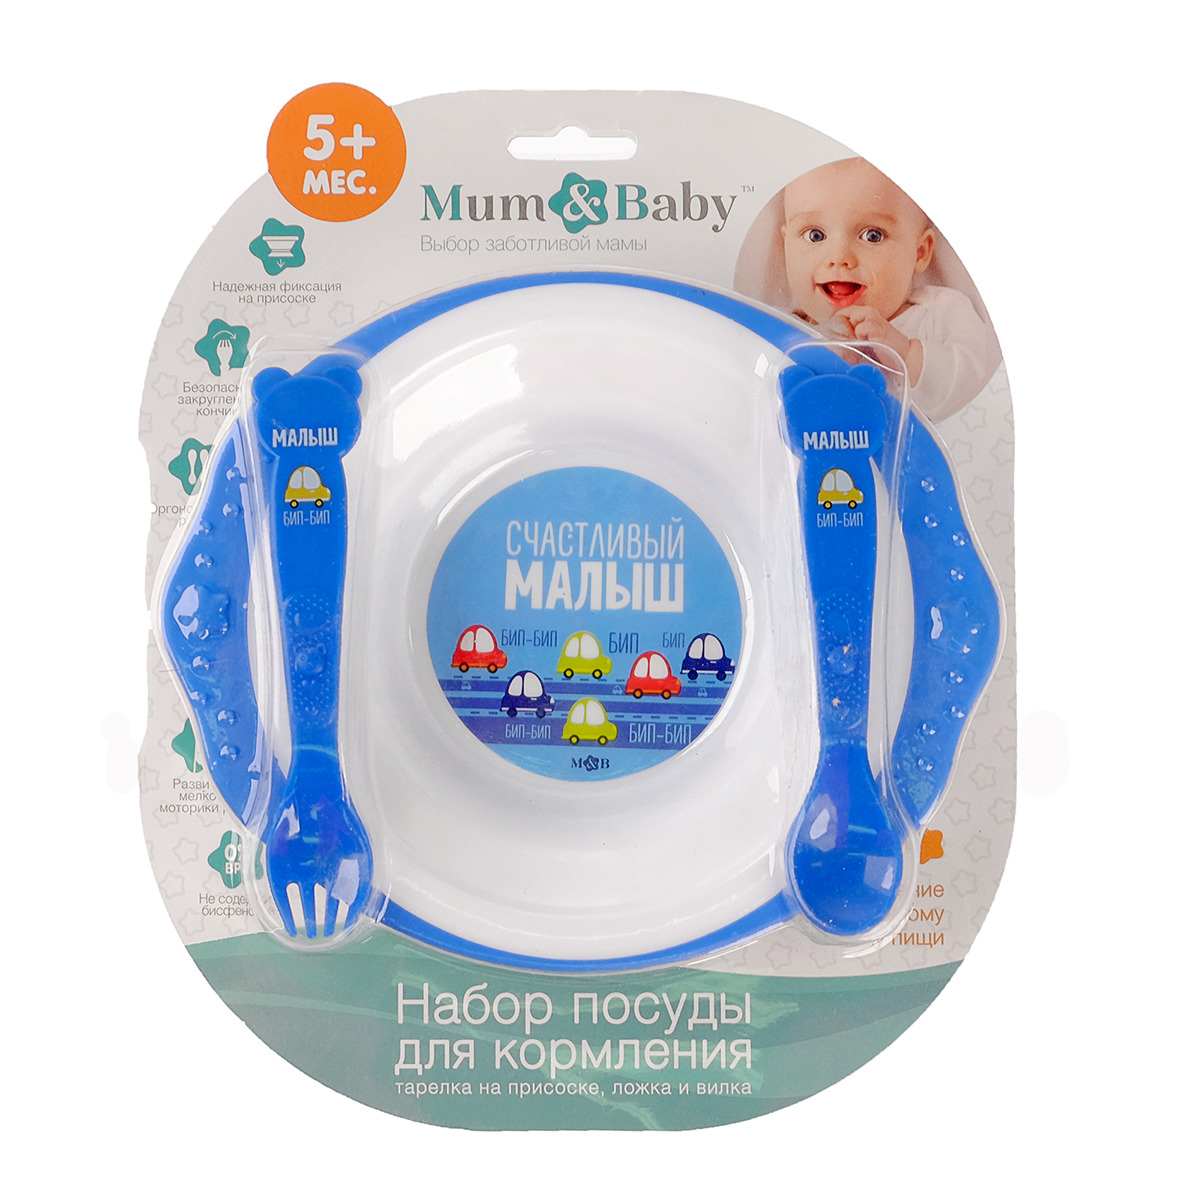 Набор посуды для кормления Mum&Baby Малыш, 2618909, 3 предмета набор посуды для кормления mum